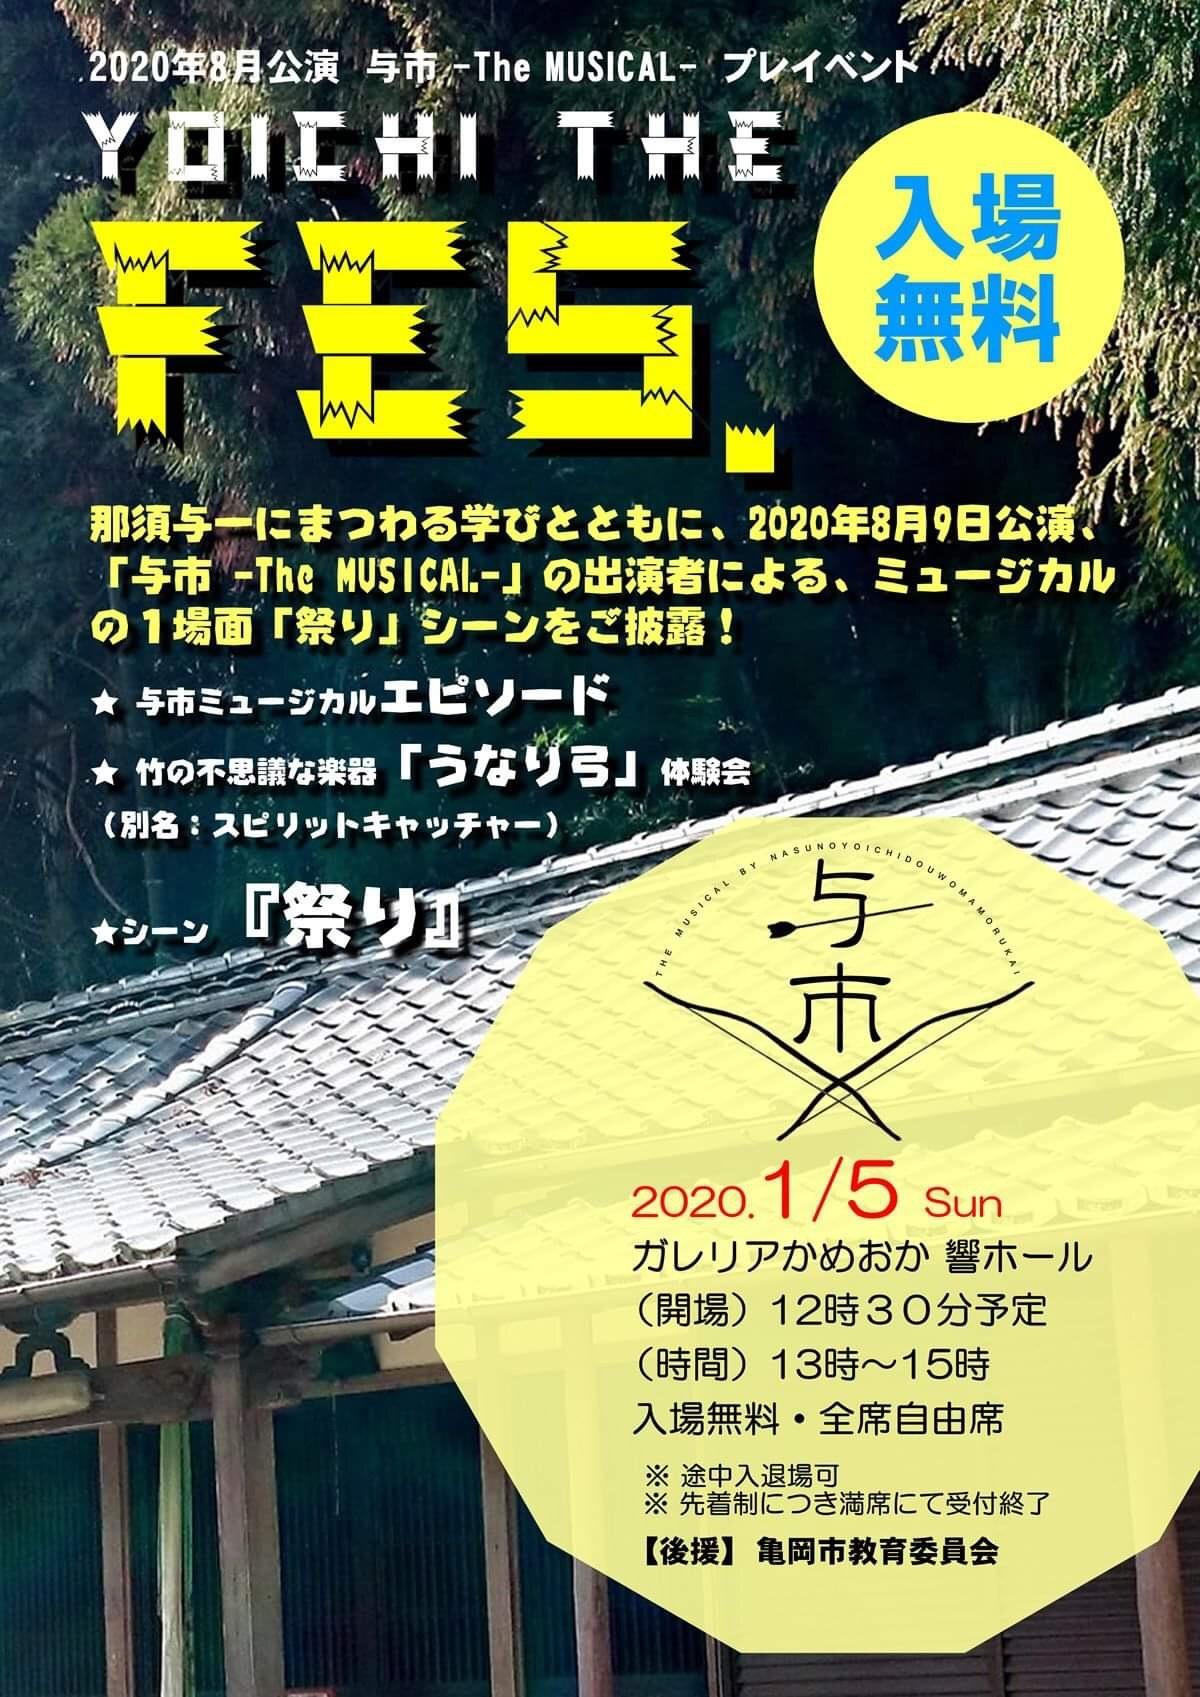 2020.1.5 市民ミュージカル「与市」イベント公演 in 京都亀岡ガレリア響ホール_c0180209_21412919.jpeg